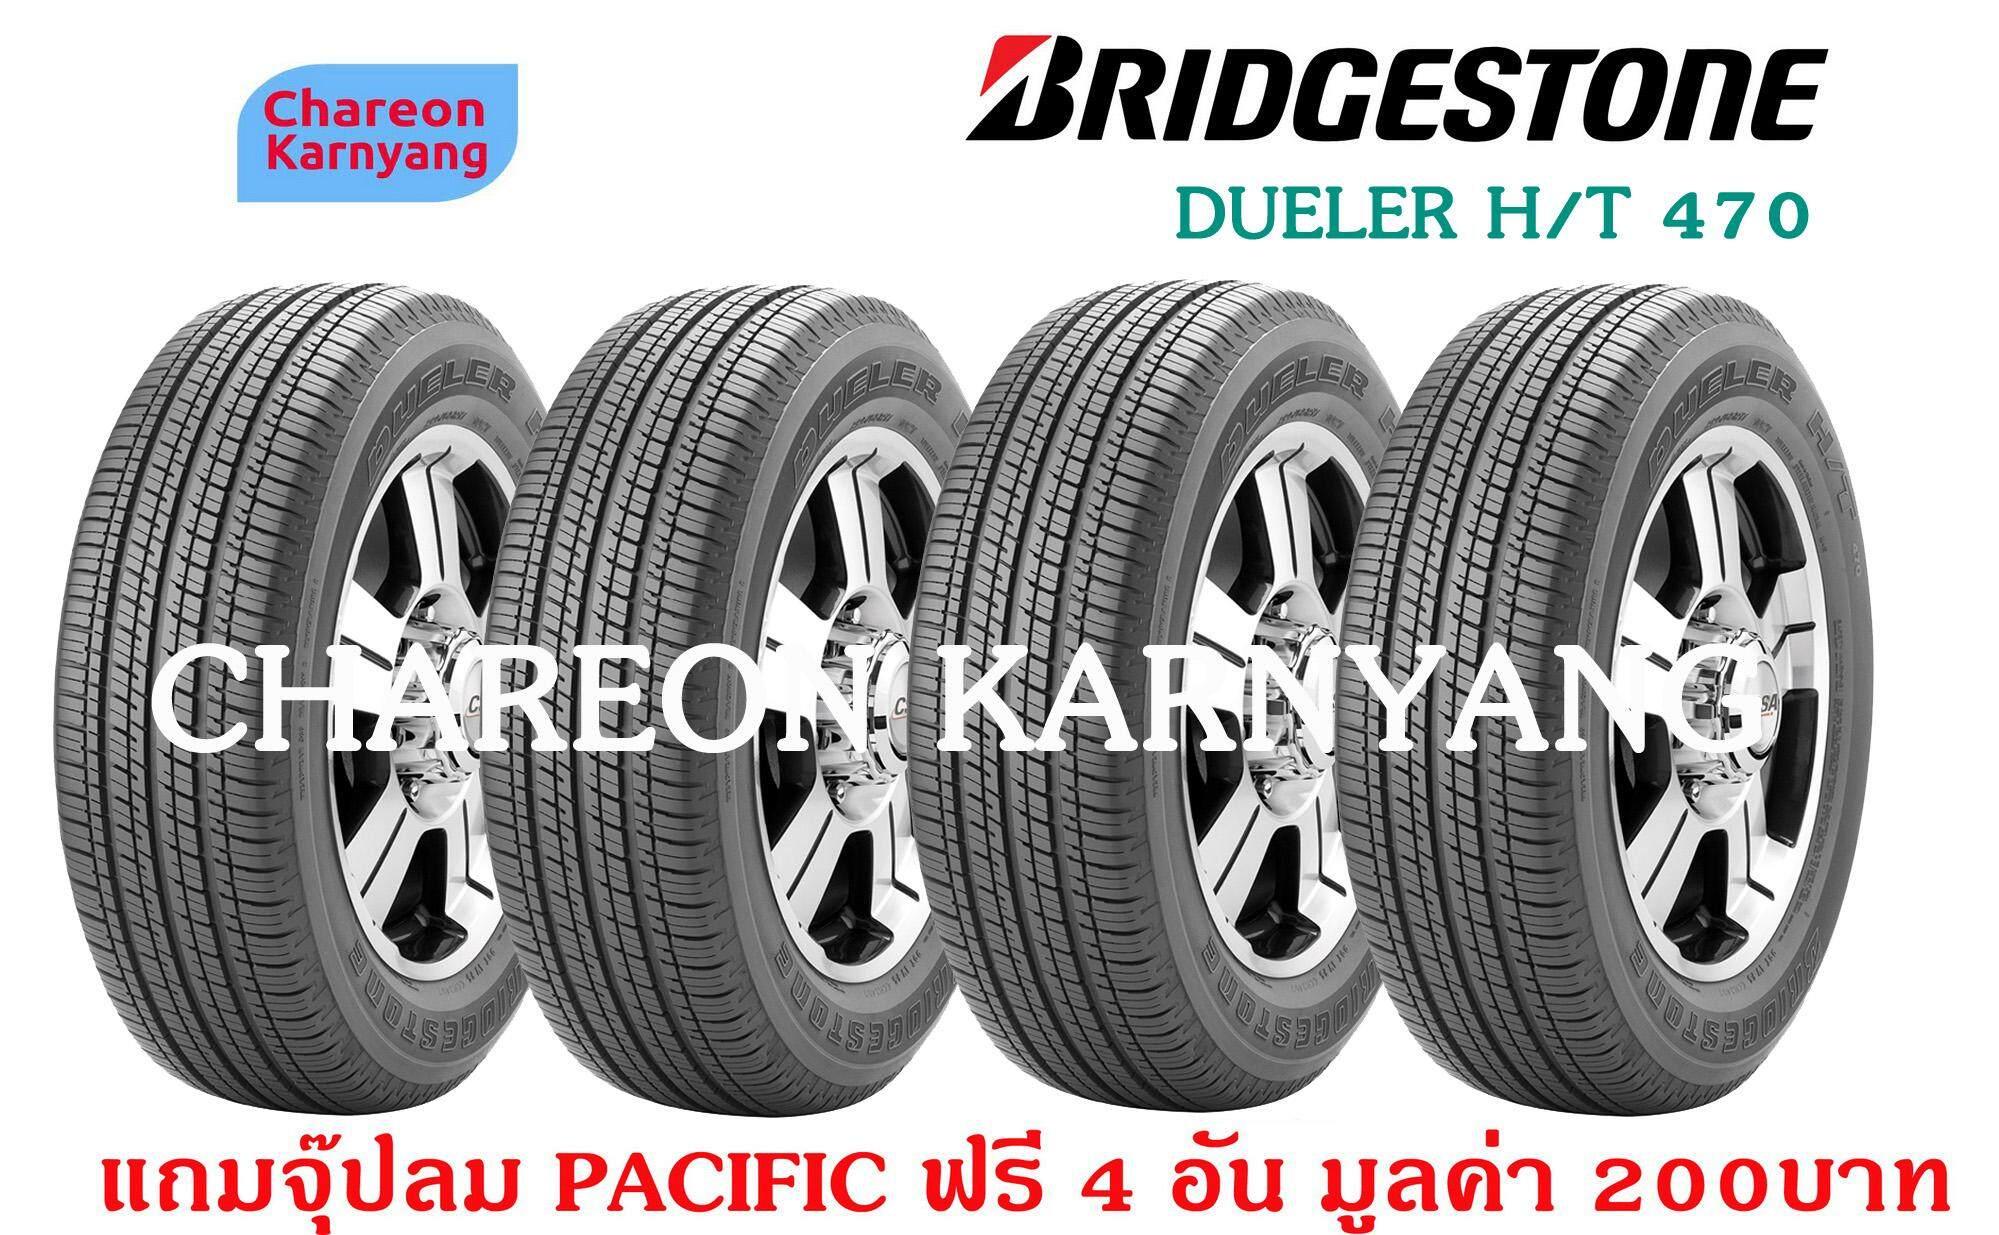 ประกันภัย รถยนต์ ชั้น 3 ราคา ถูก หนองคาย ยางรถยนต์  225/65R17 Bridgestone Dueler H/T 470 อินโด ปี 2019 (4 เส้น)